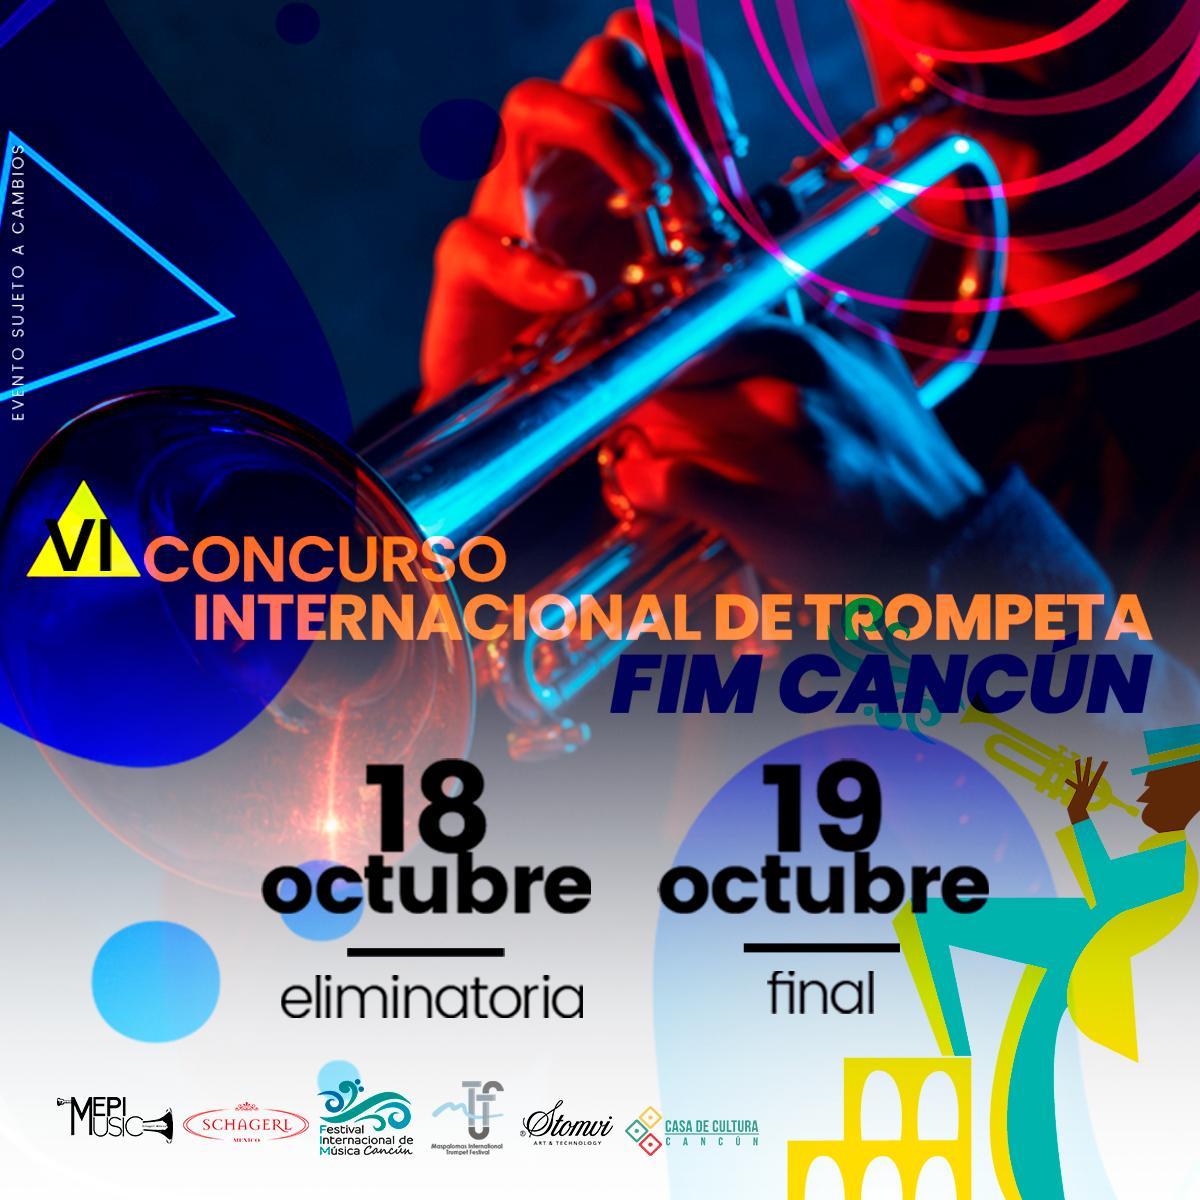 Fim Cancún 2020 в Twitter No Te Puedes Perder El Vi Concurso Internacional De Trompeta Habra Premios Del Primer Lugar Por Categoría Diploma Trompeta Modelo Profesional Una Beca Para